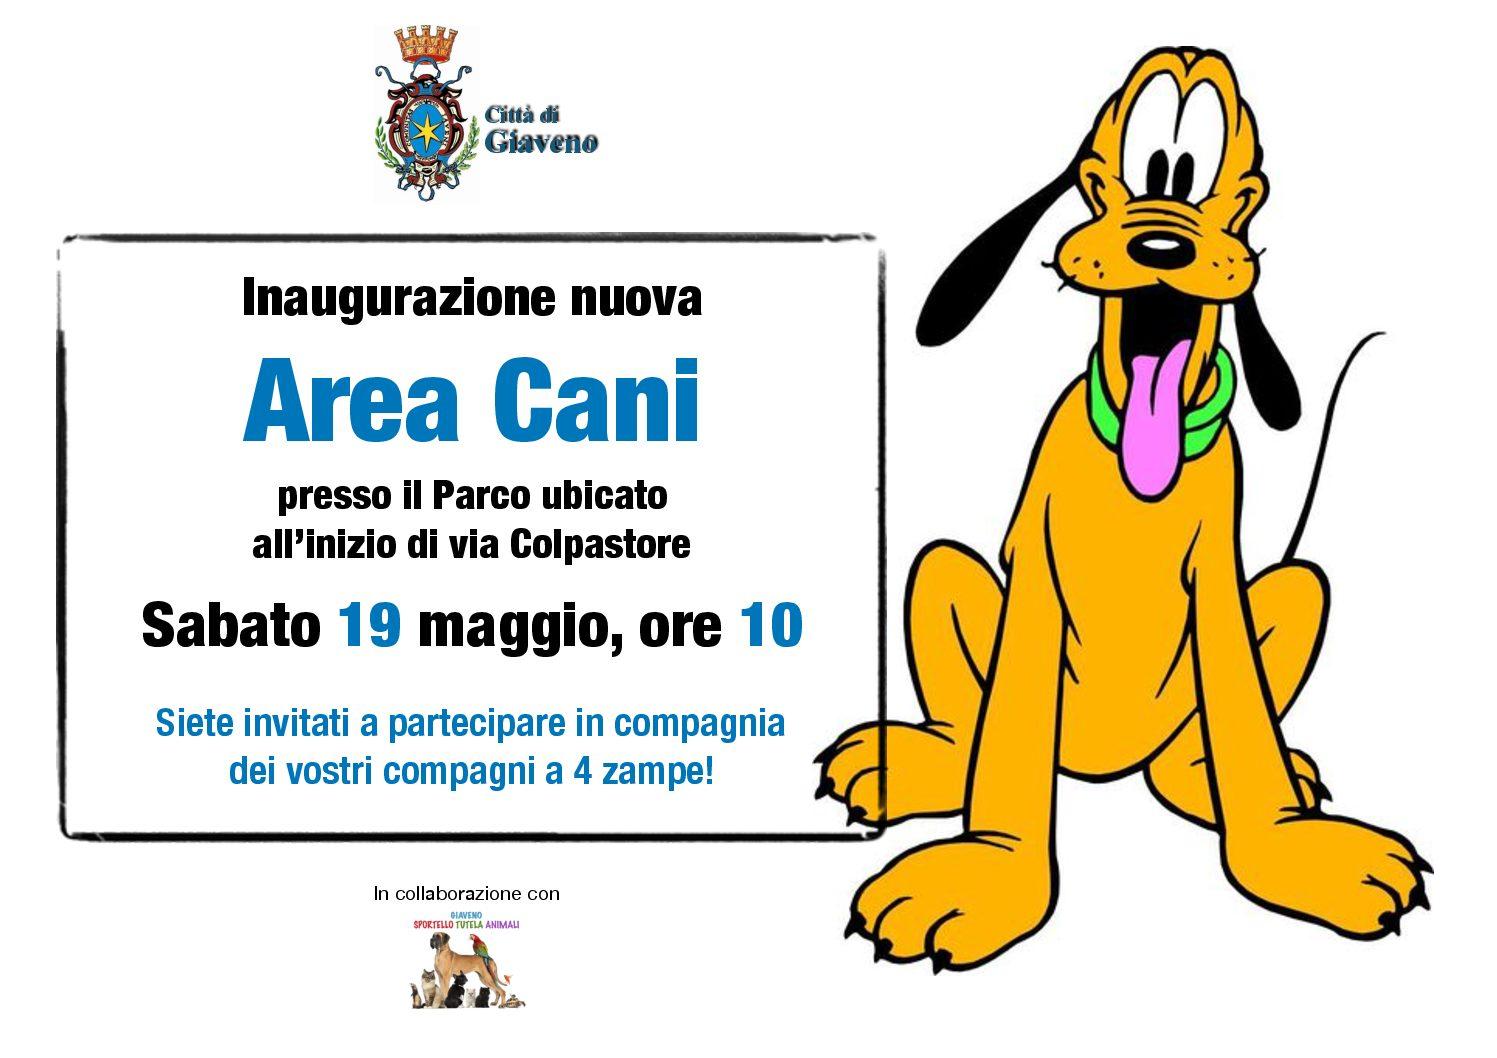 Inaugurazione nuova Area Cani  – sabato 19 maggio 2018